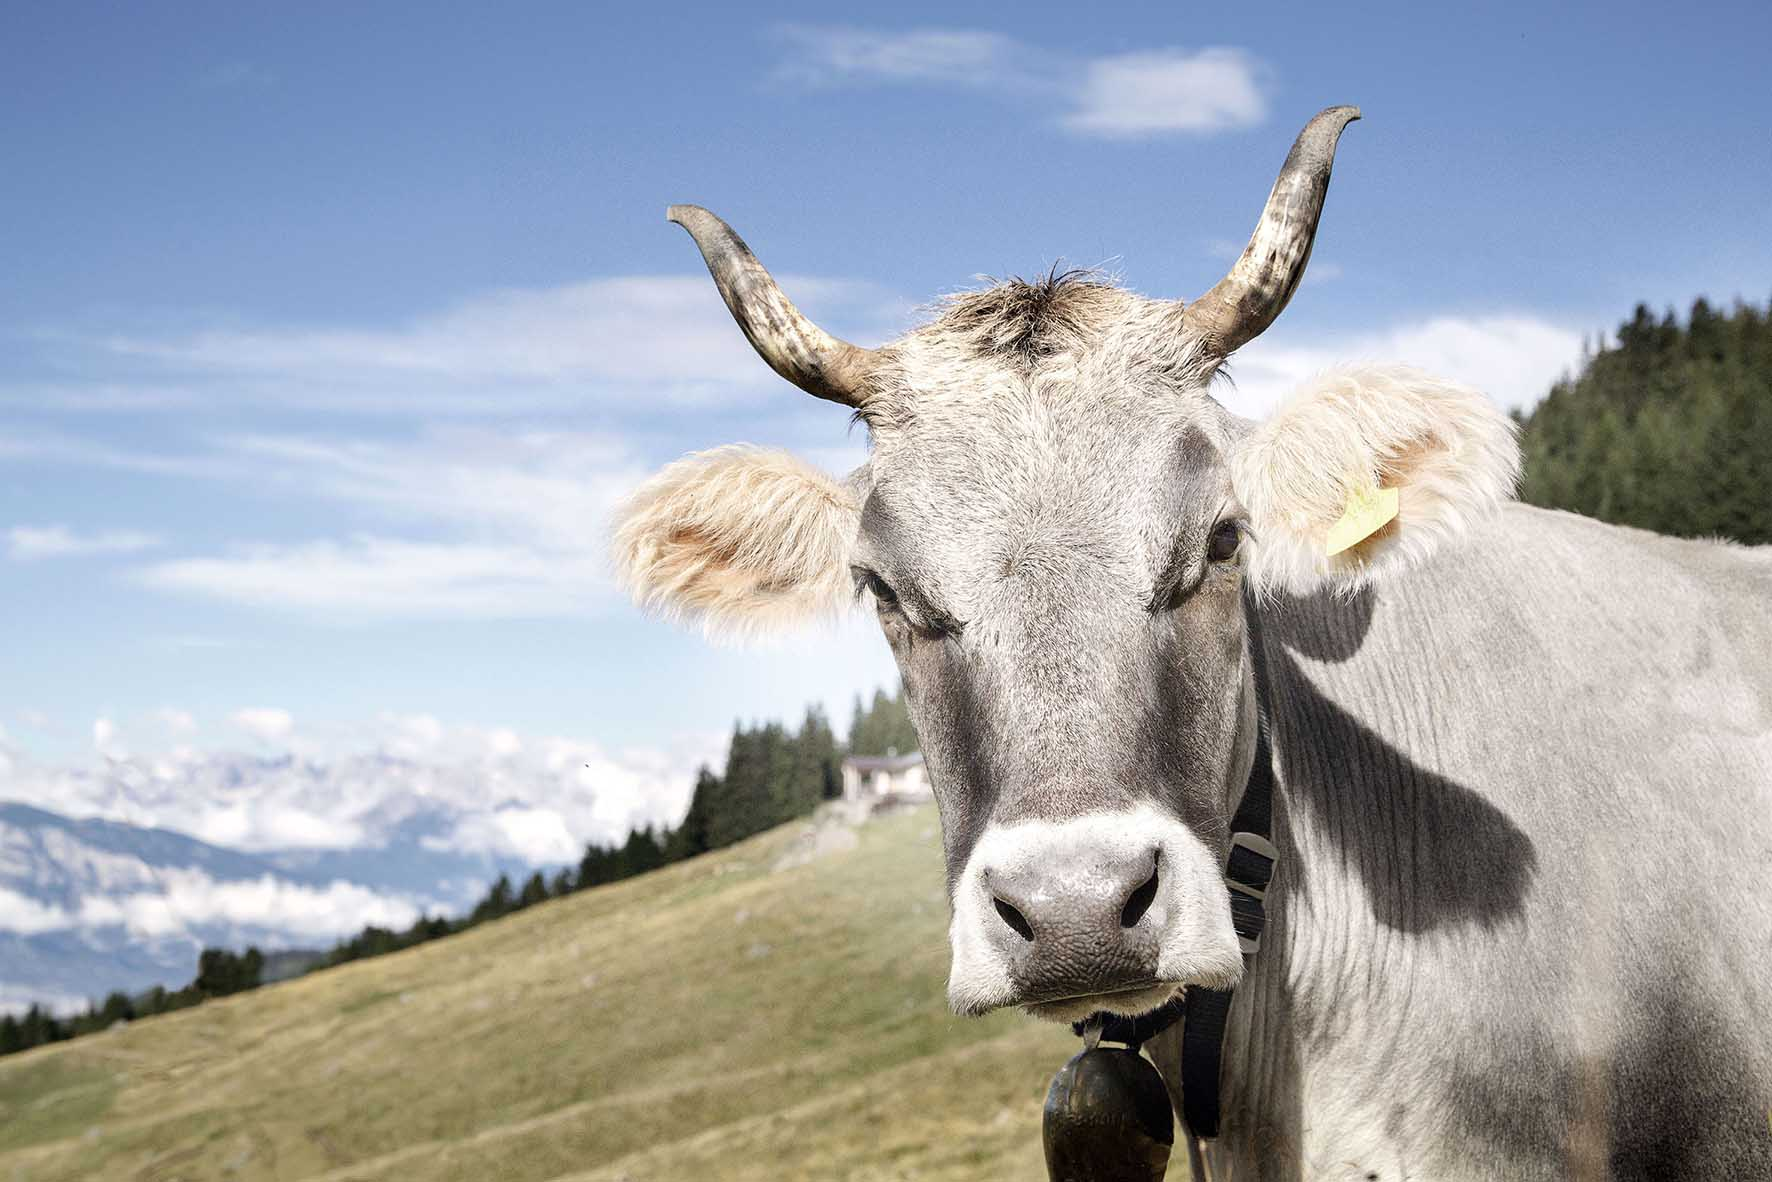 zootecnia in veneto vacca mucca primo piano26818